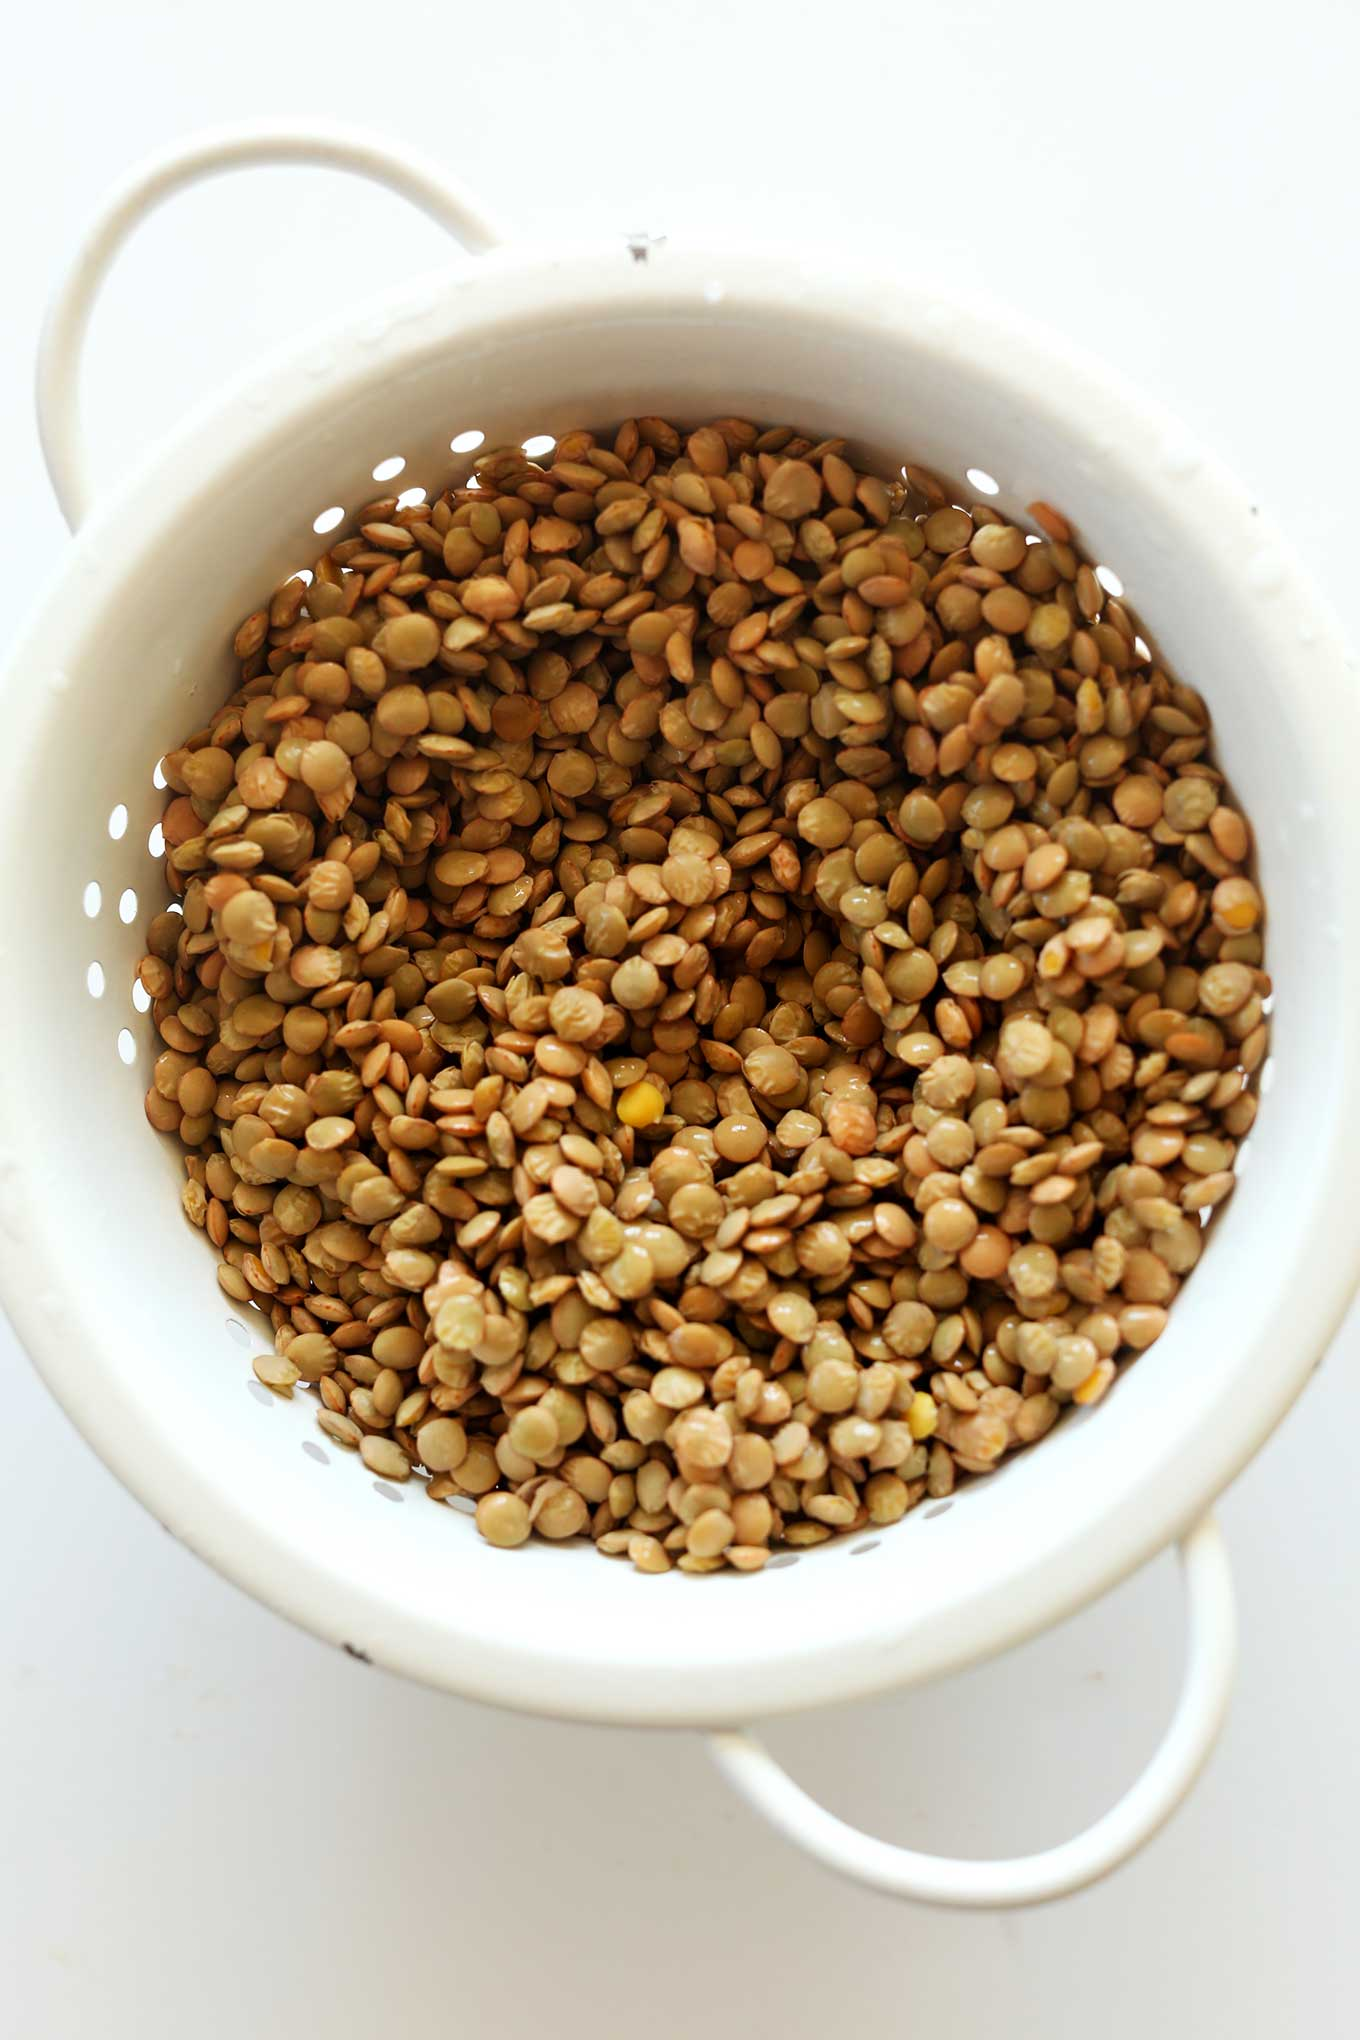 Rinsing lentils in a colander